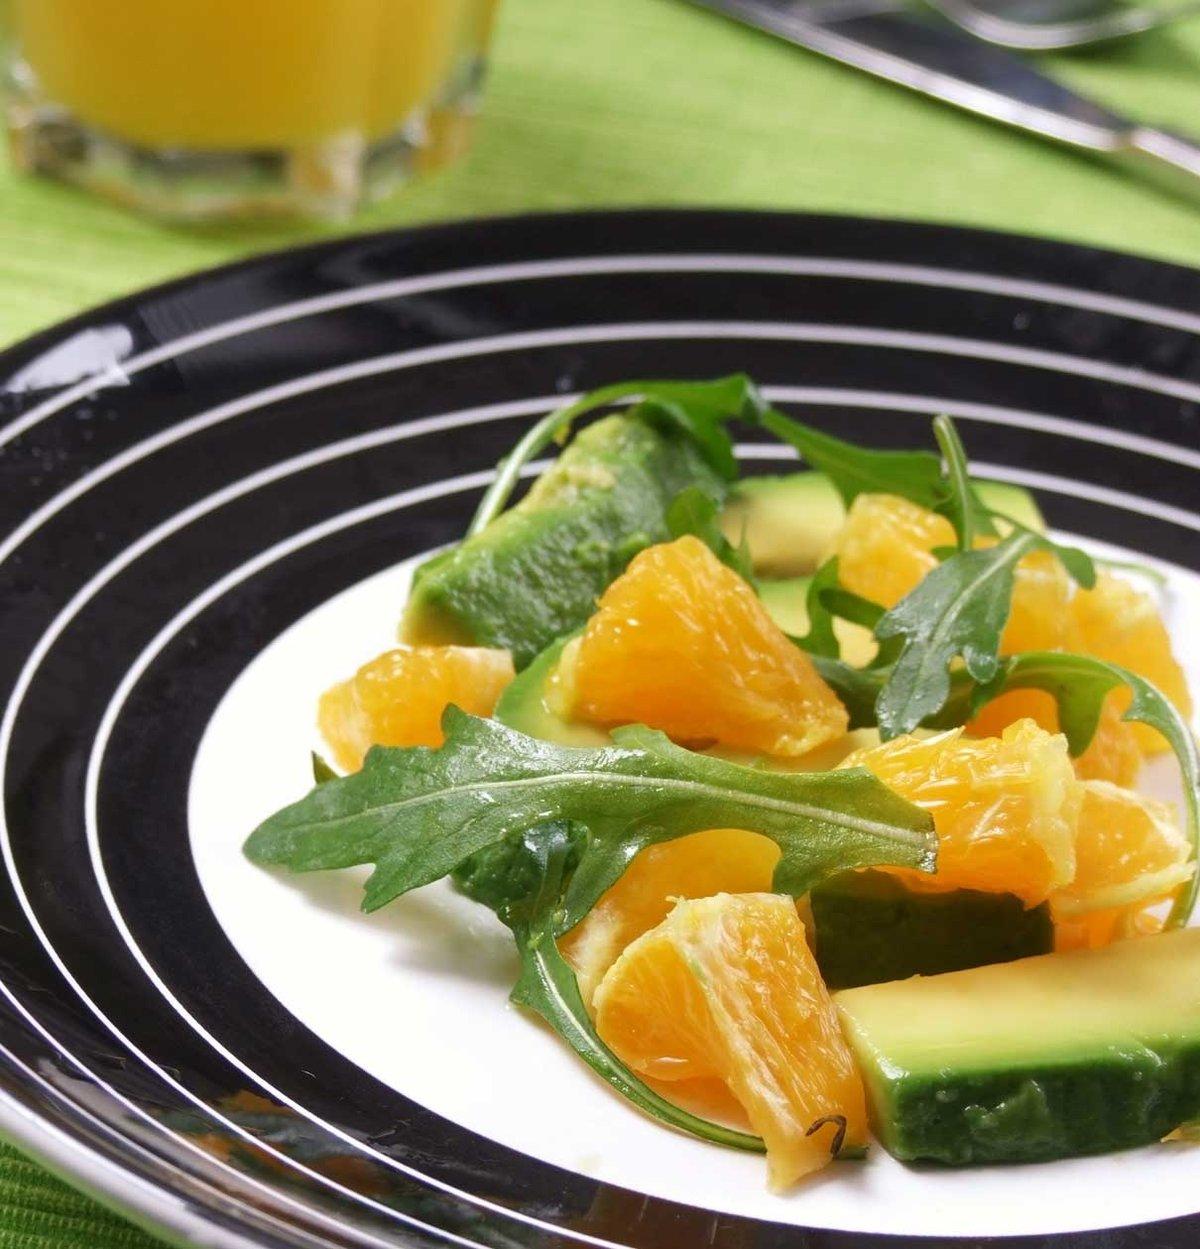 Рецепт салата с апельсином пошагово